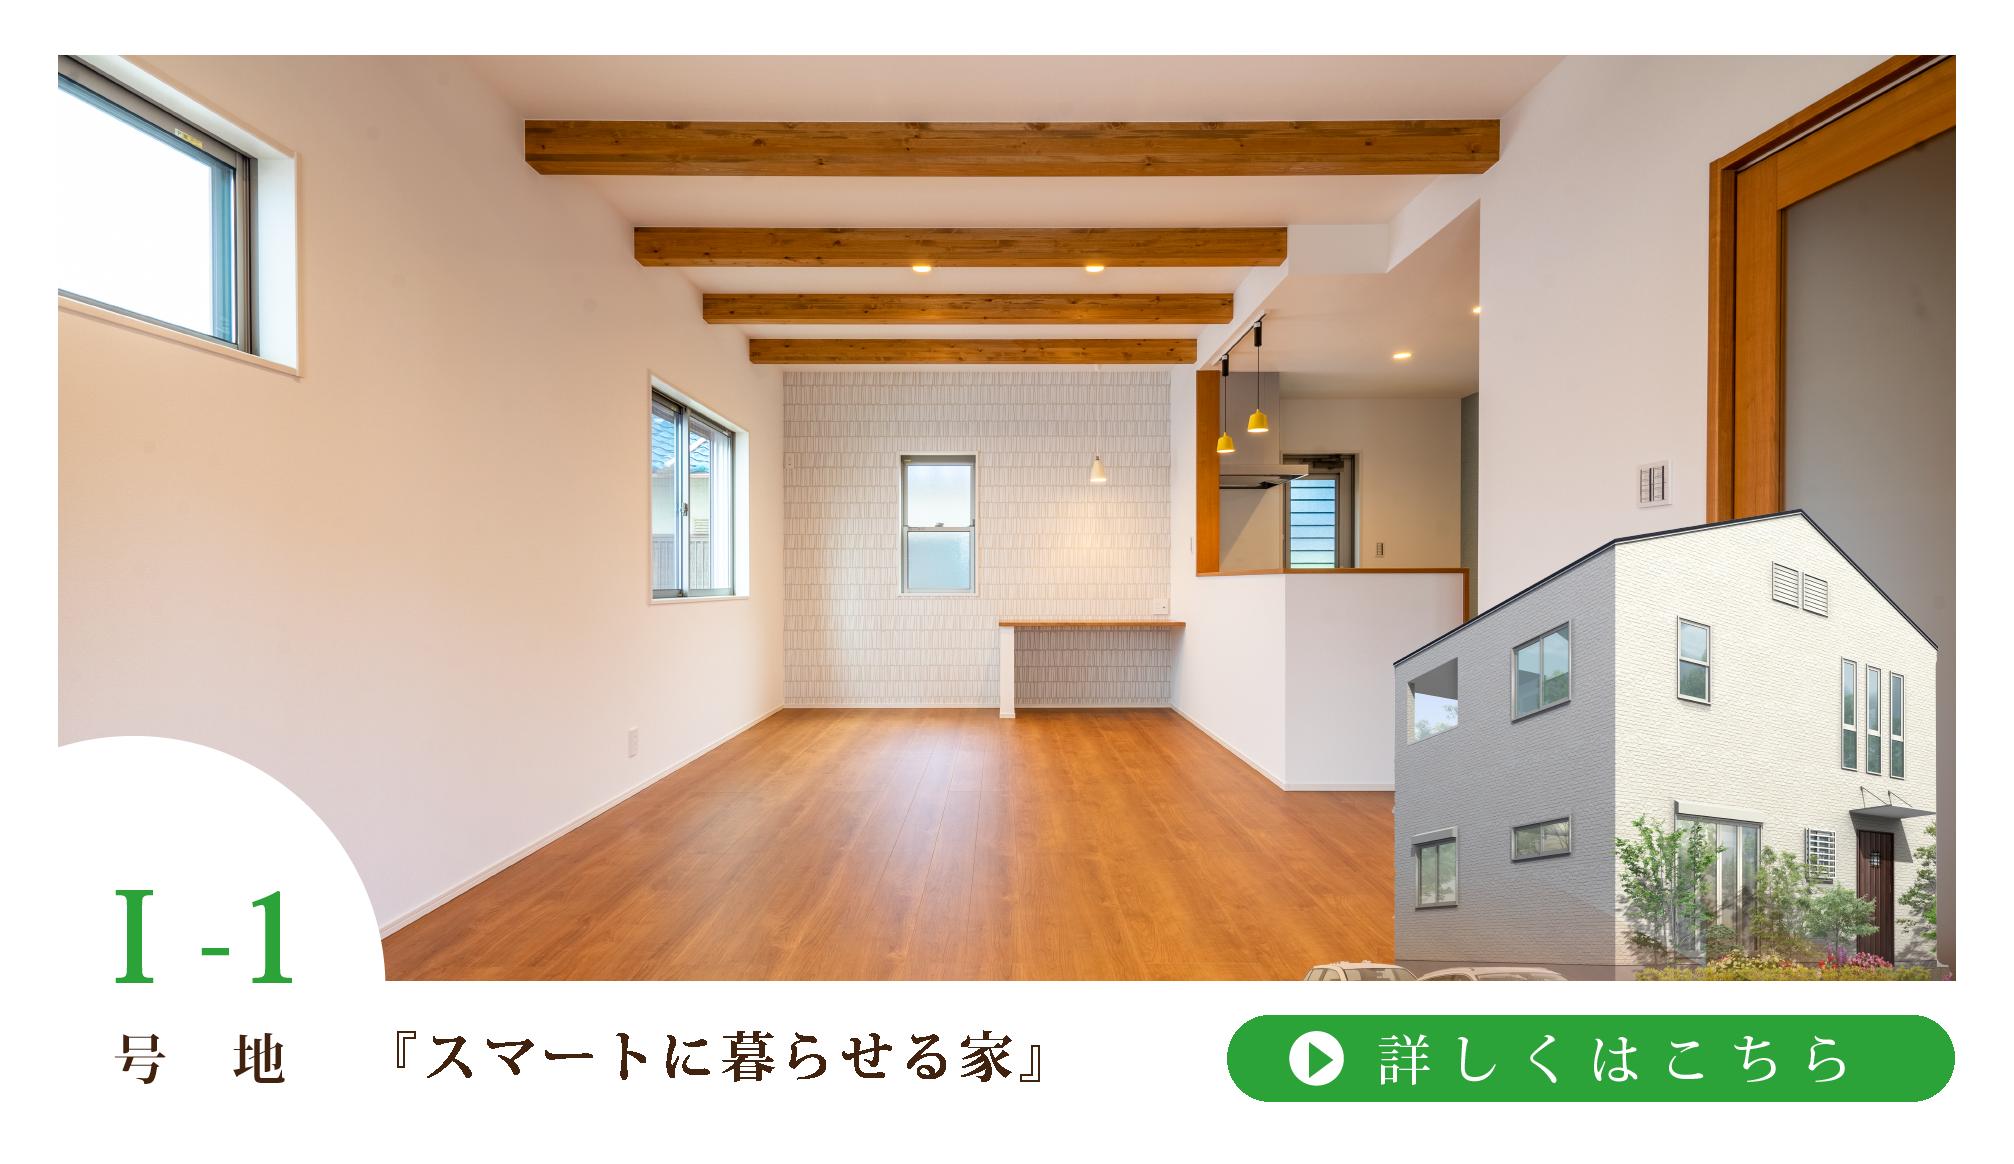 建売1-1_楽家-03